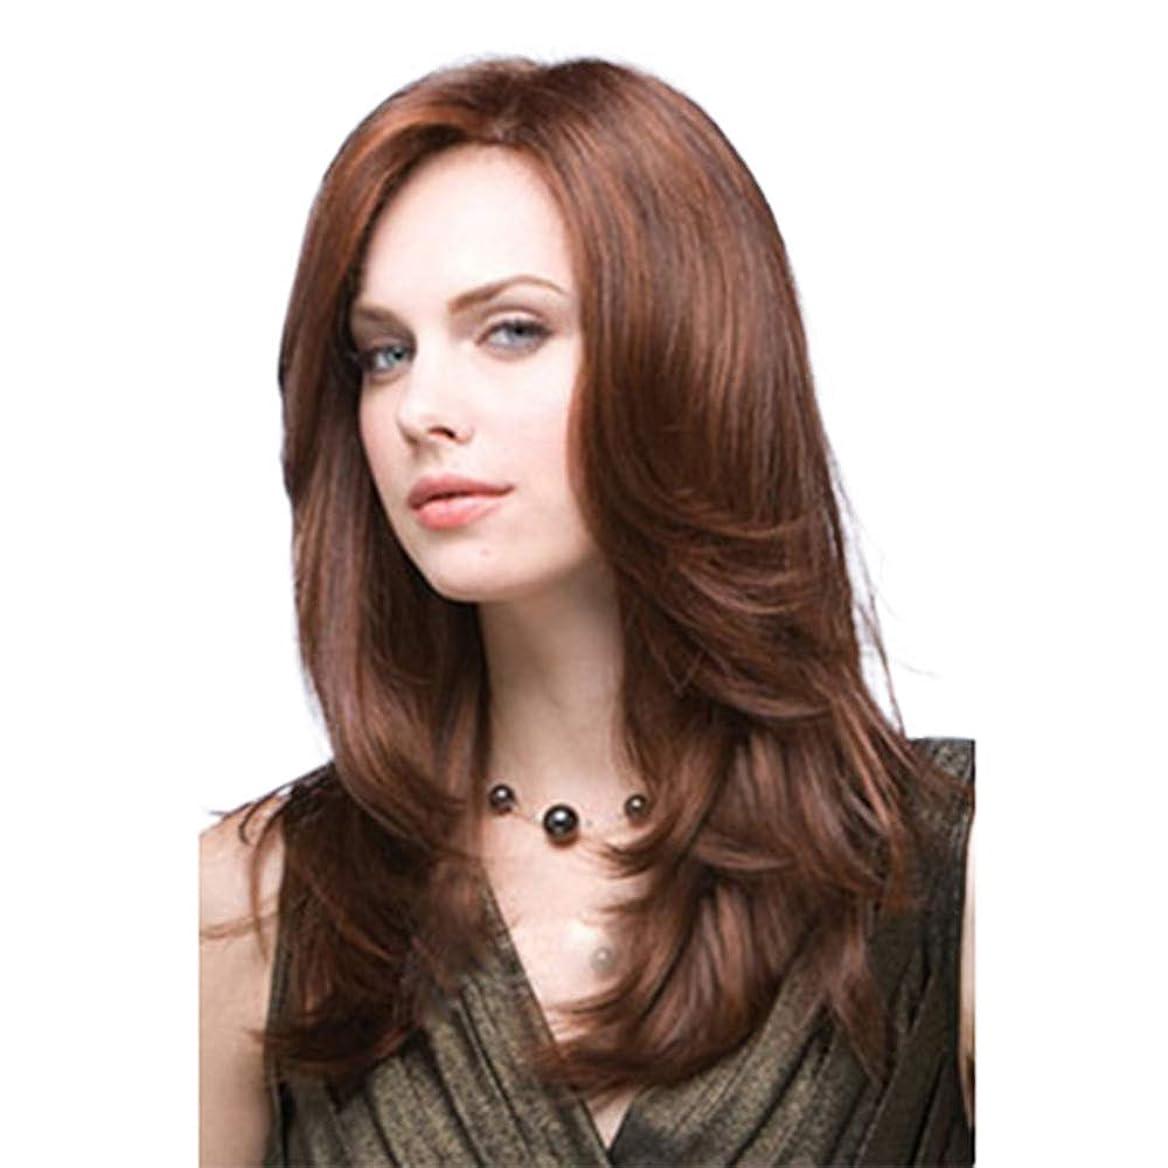 お金ゴム到着あなたが良くなりますIsikawan 女性のための斜め前髪かつらカーリーウェーブ16インチロングヘア人工毛デイリーパーティー (色 : ブラウン, サイズ : 16